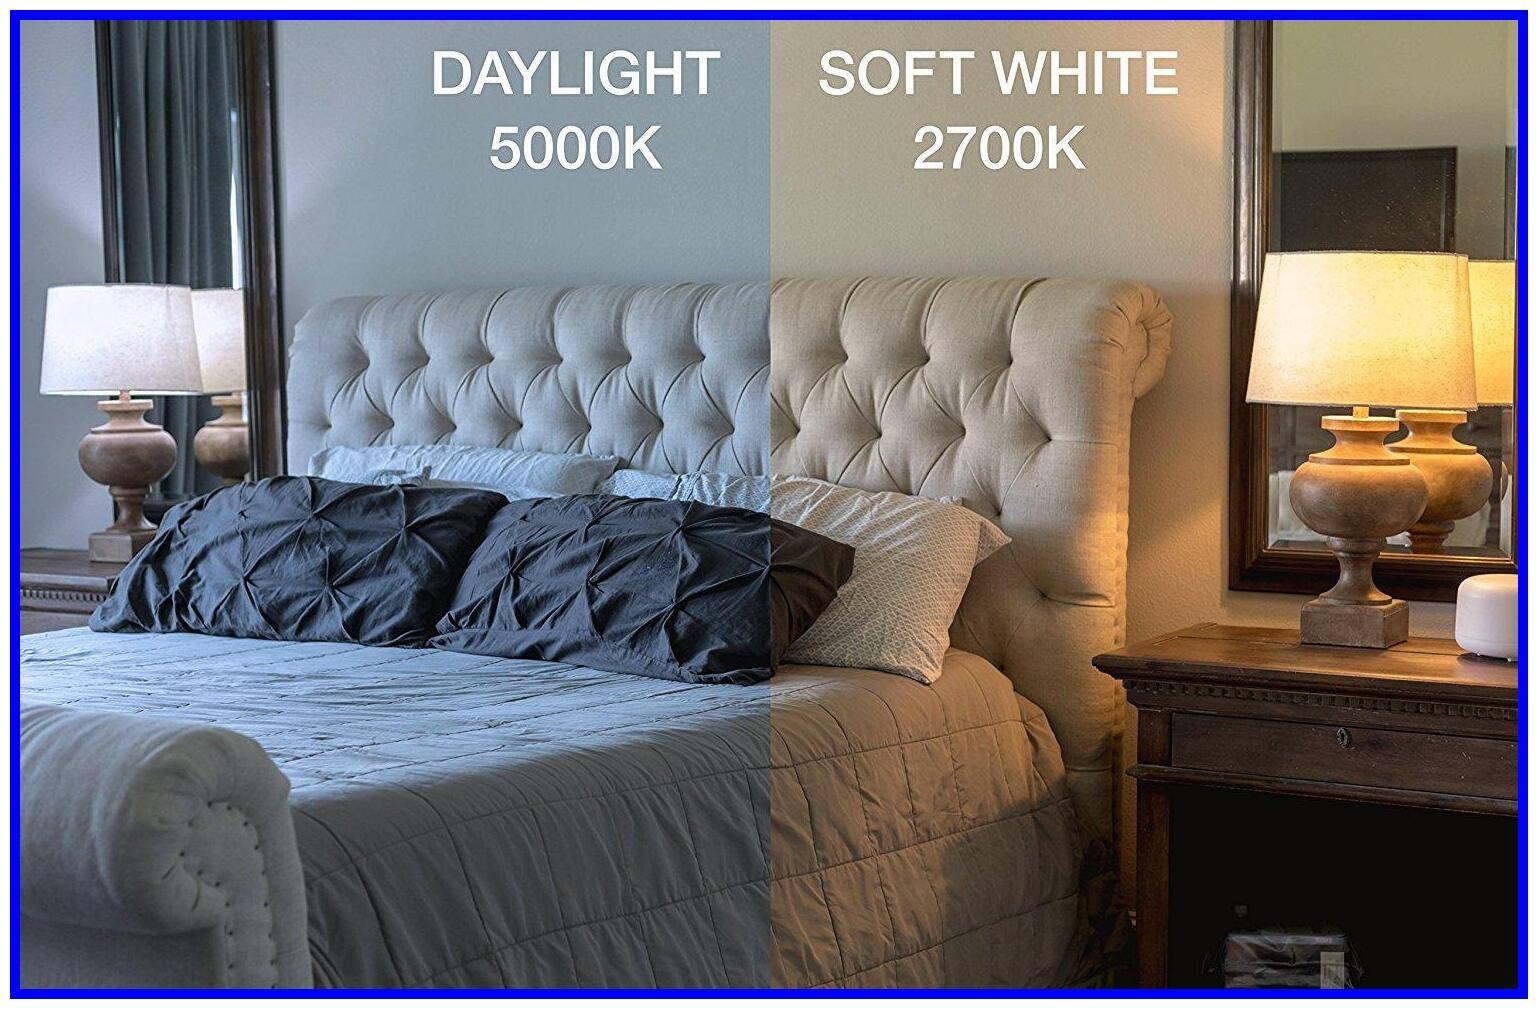 64 Reference Of Led Light Soft White Vs Daylight In 2020 Led Light Bulb Led Light Bulbs Sofa Set